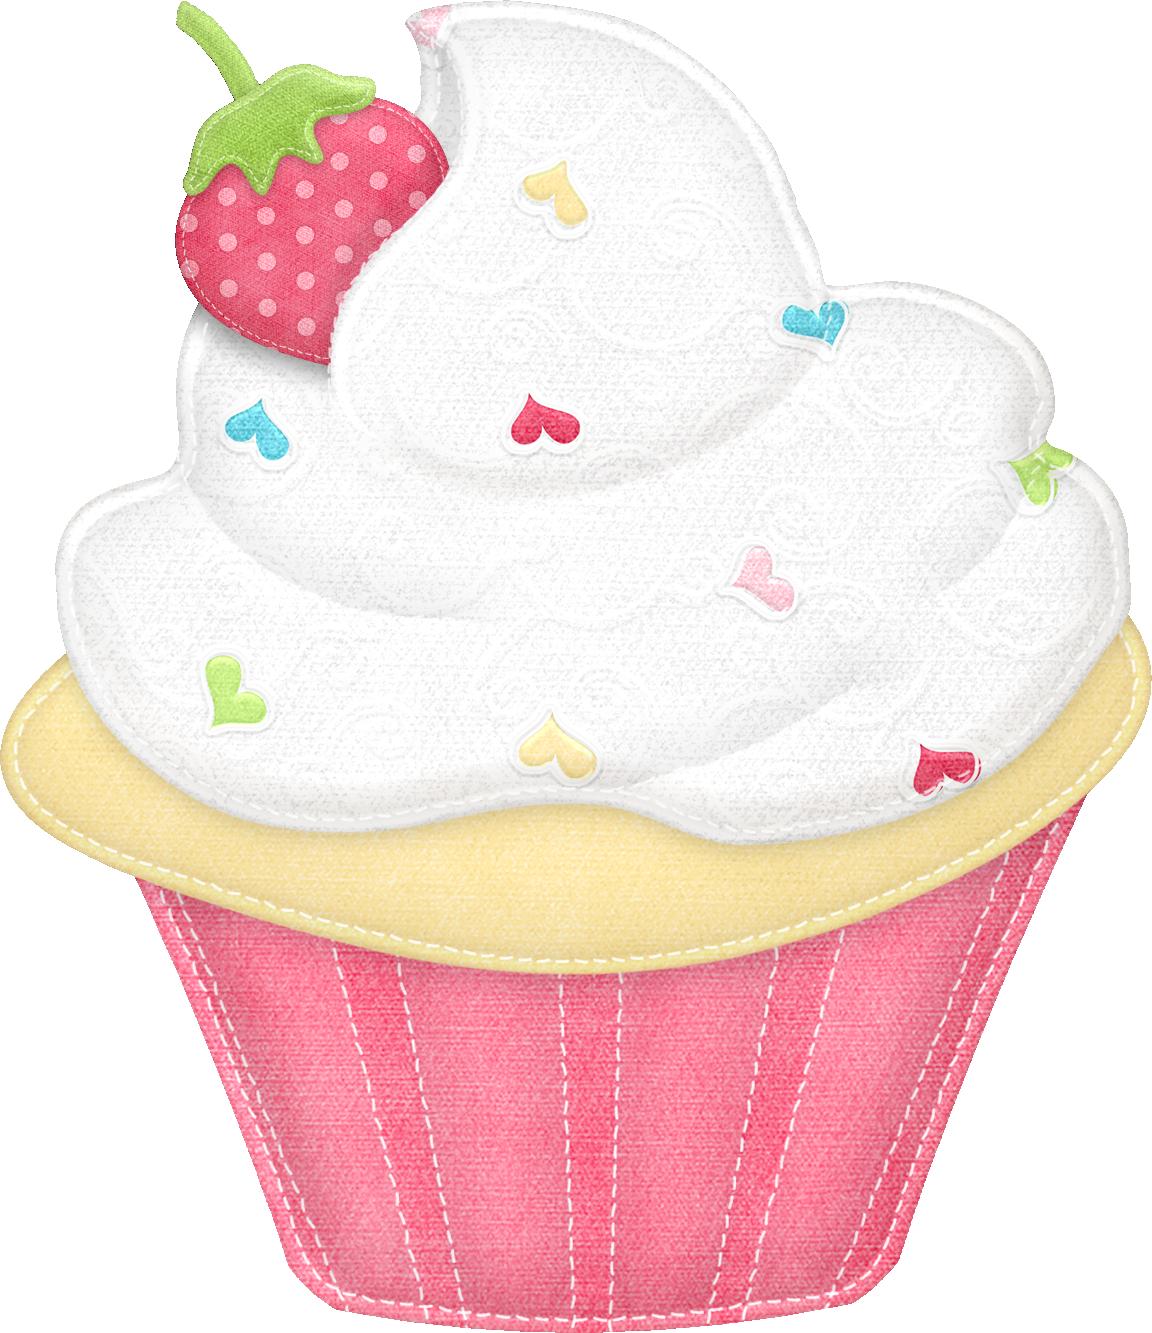 Ice clipart cupcake. Pin by xiomara juliac